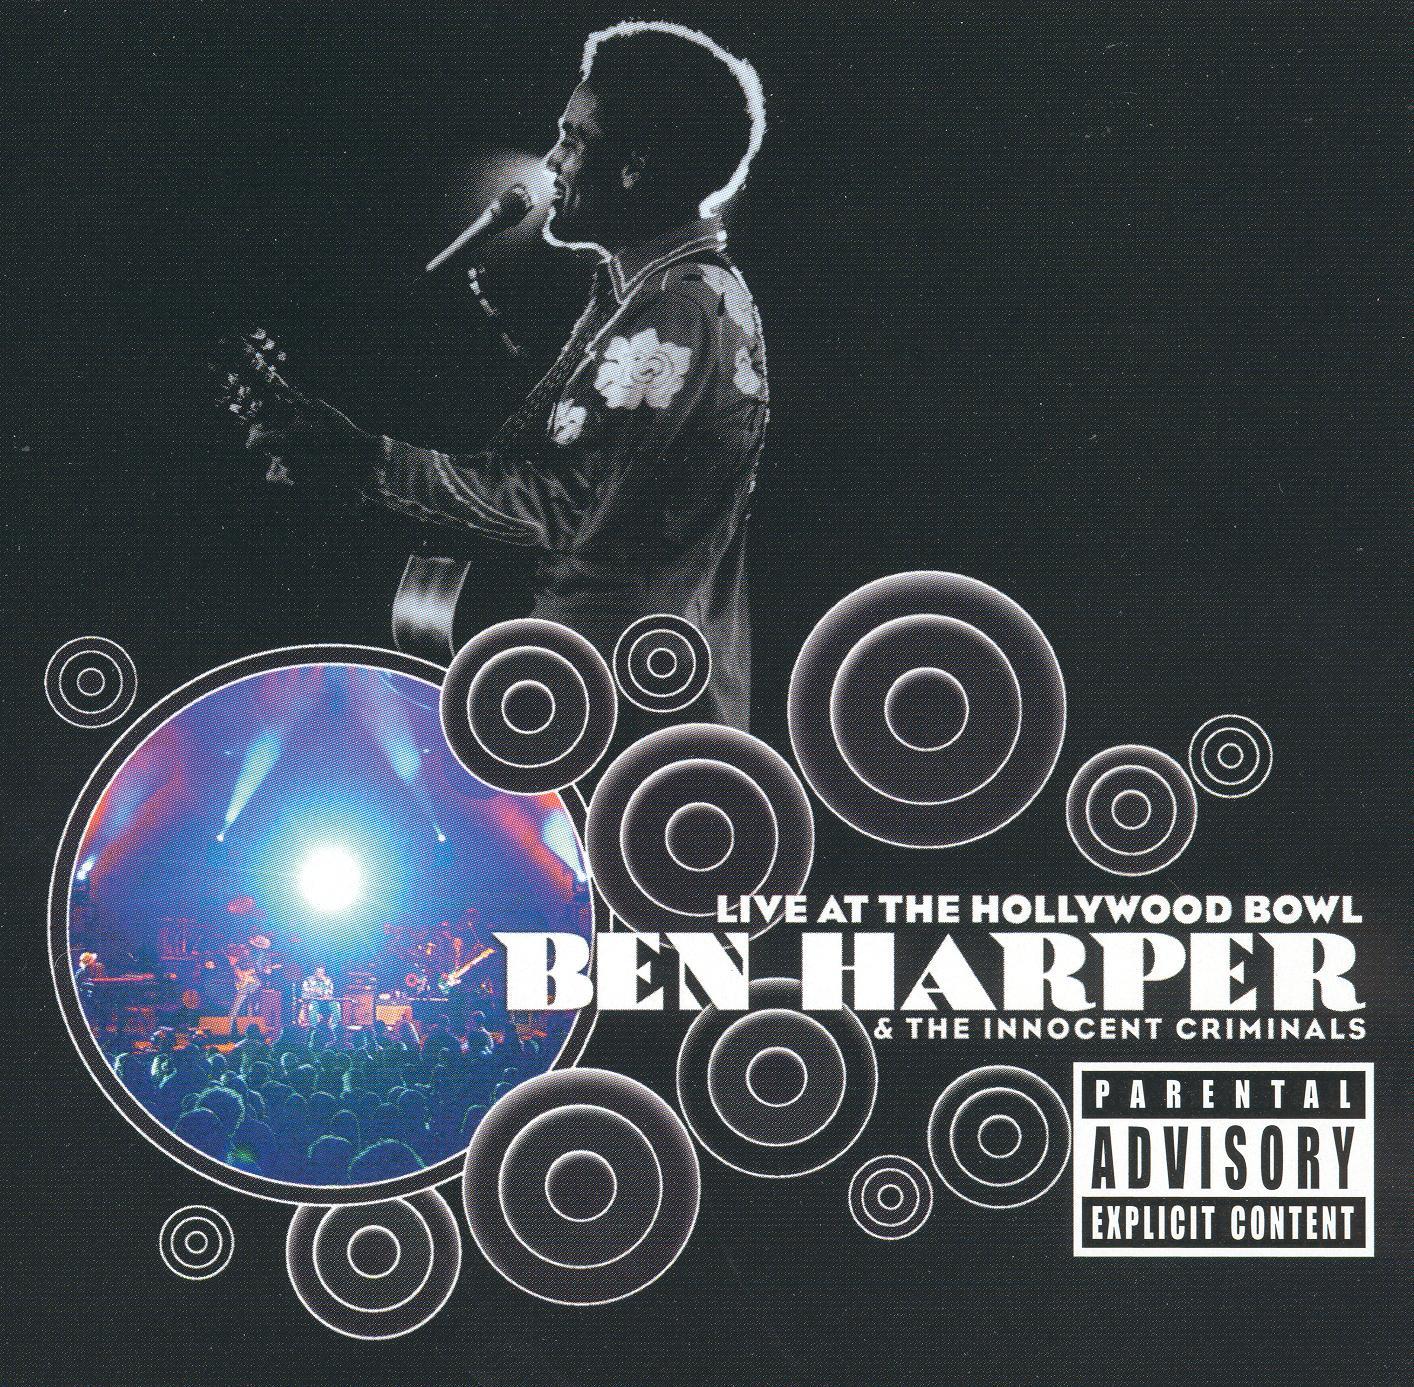 Ben Harper: Live at the Hollywood Bowl